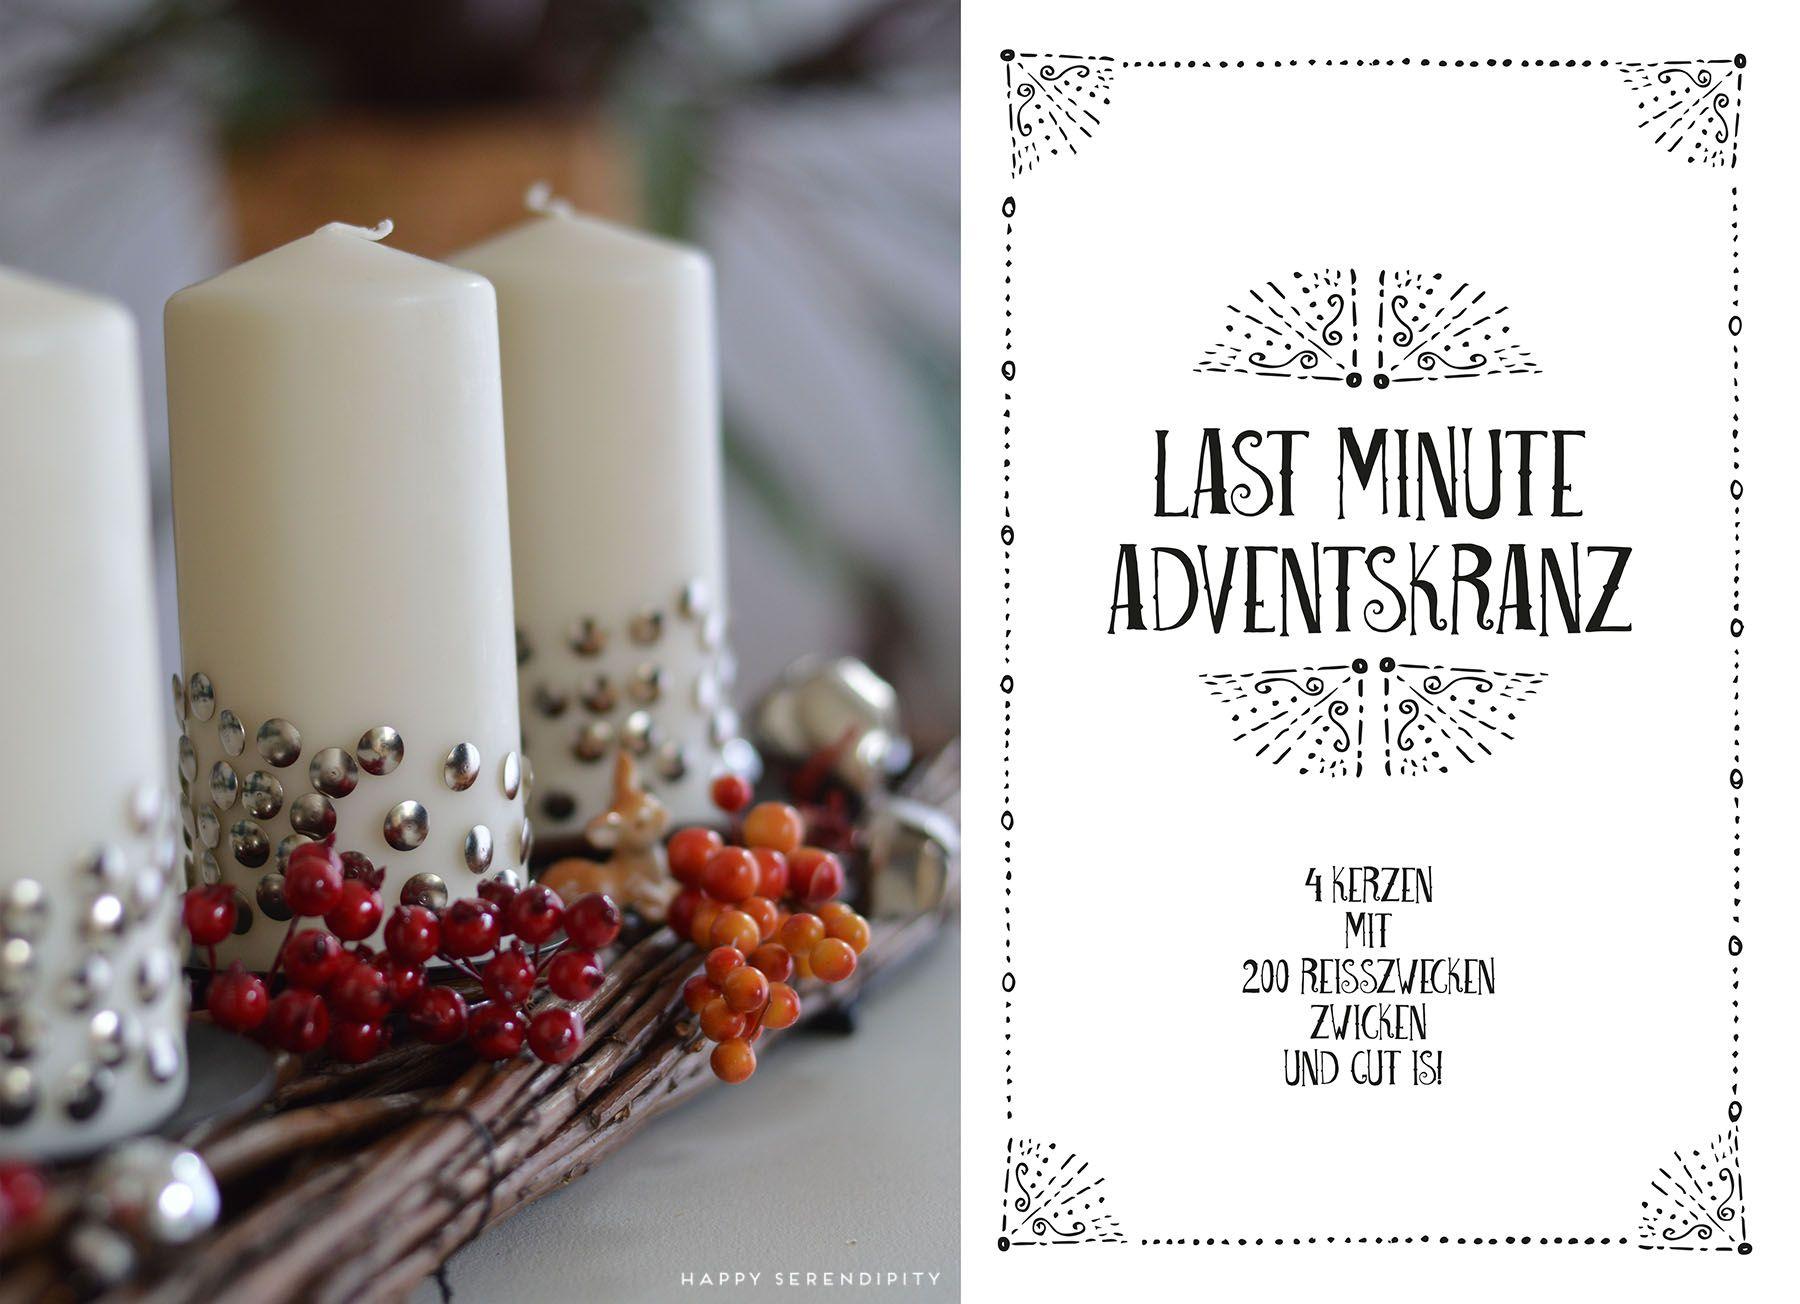 Der Adventskranz In Letzter Sekunde Mit Liebe Handgemacht Advent